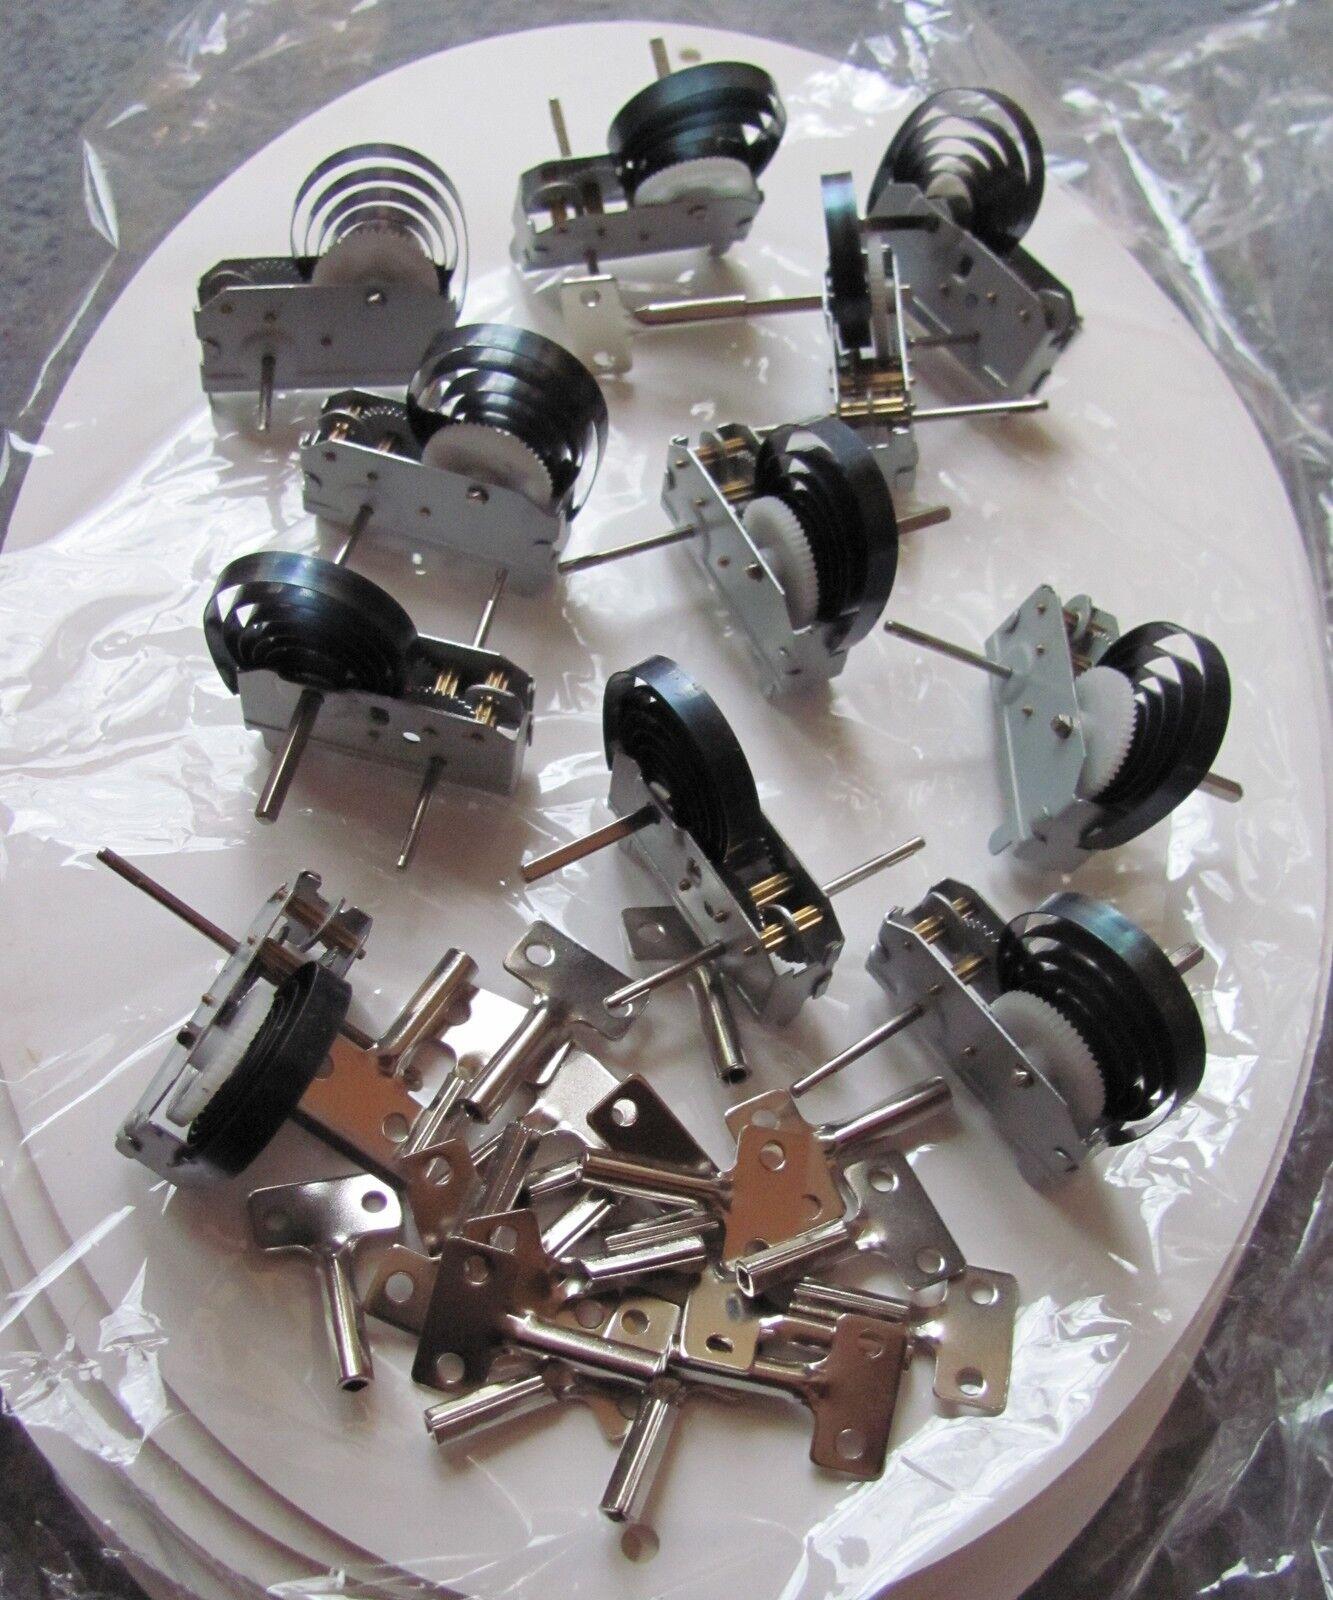 100 X motor de relojería + 100 Llaves. Juguete Educativo Cerradura de trabajo terminan haciendo